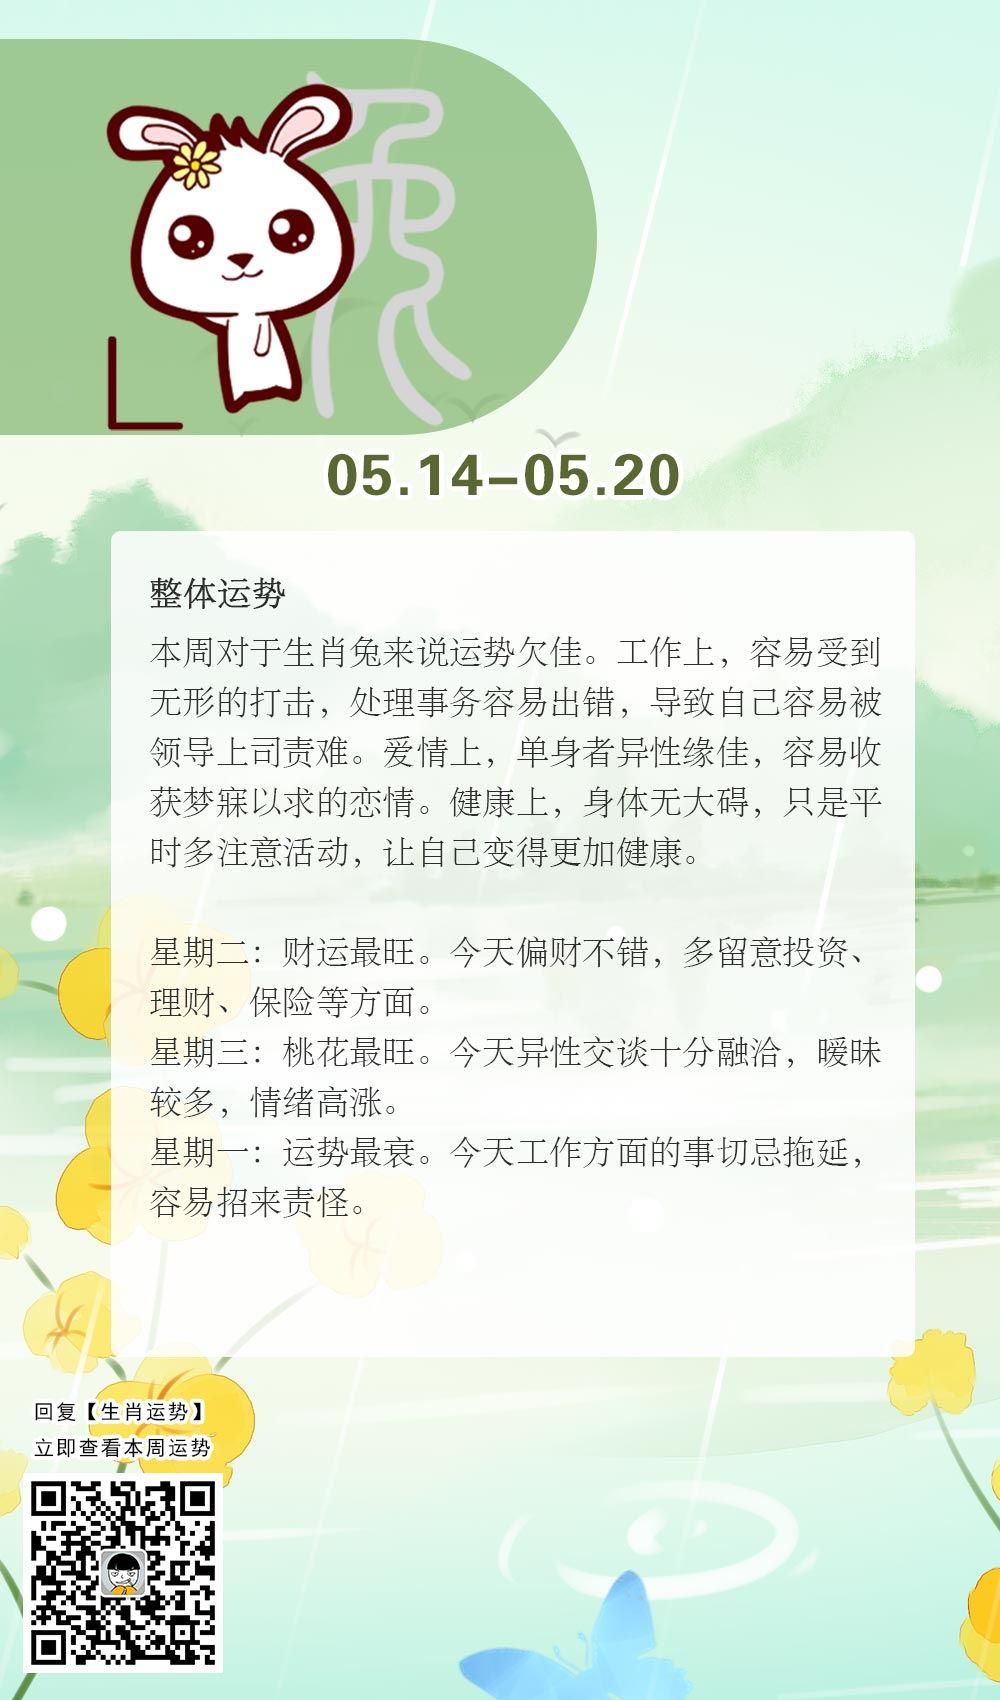 生肖兔本周运势【2018.05.14-05.20】